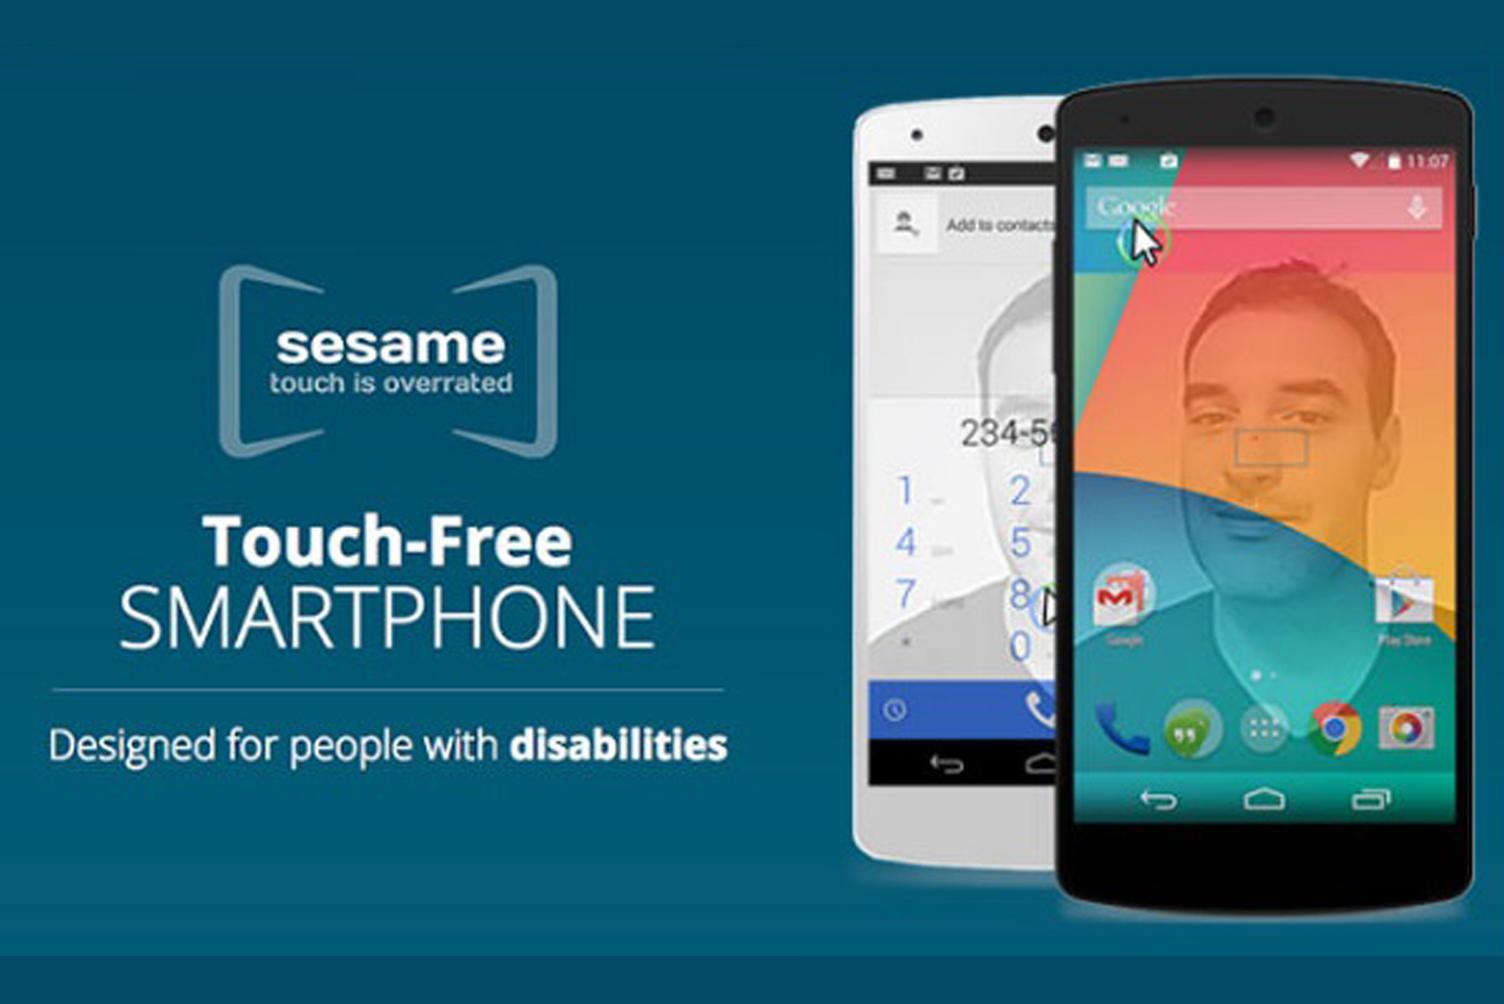 sesame smartphone